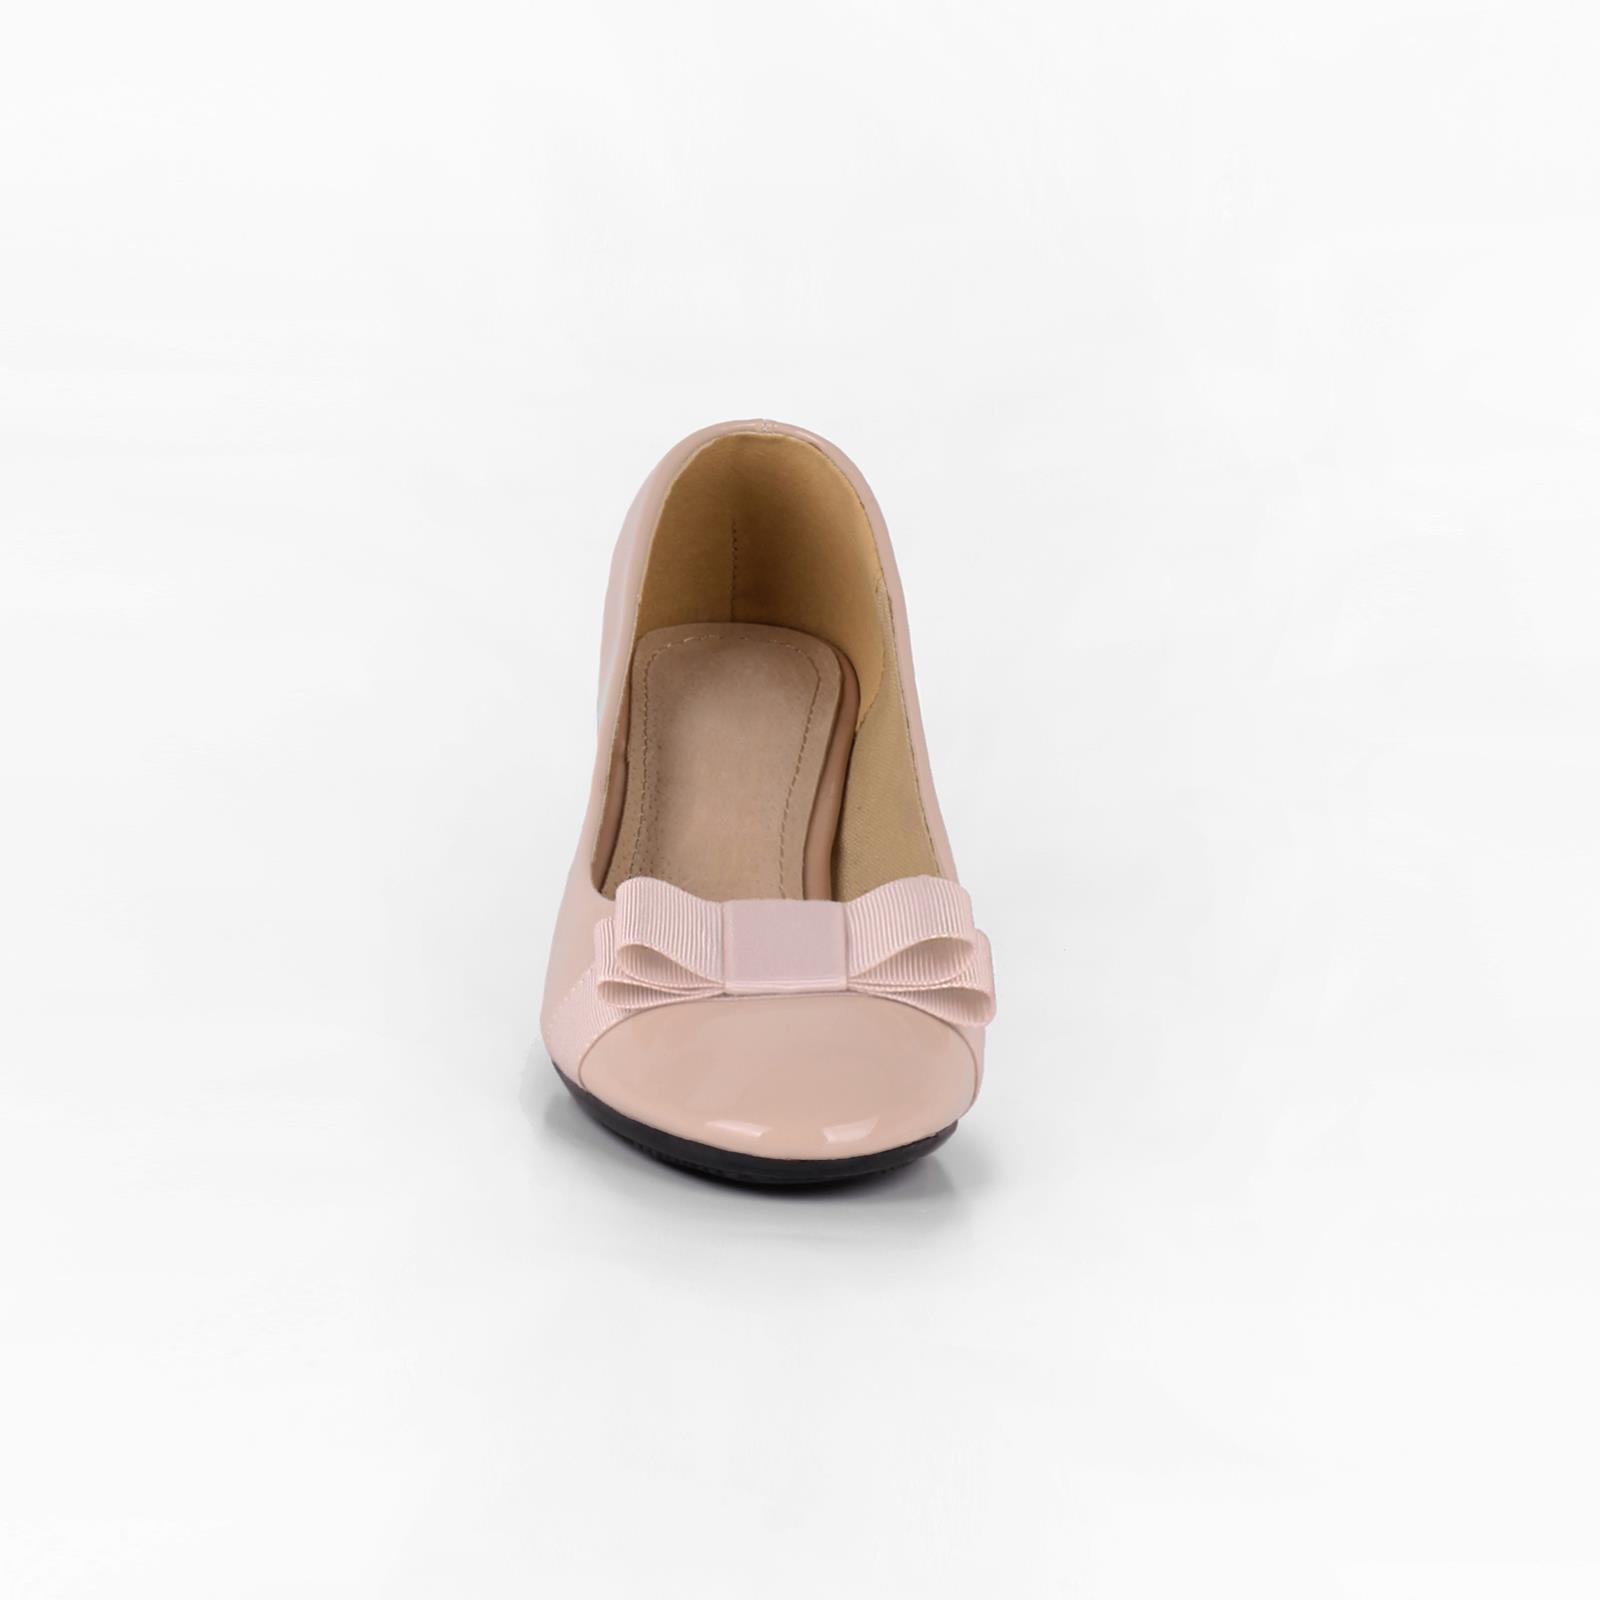 Damen-Elegante-Absatzschuhe-Hochlganz-Pumps-Blockabsatz-Ballerina-Schuhe-Chic Indexbild 34